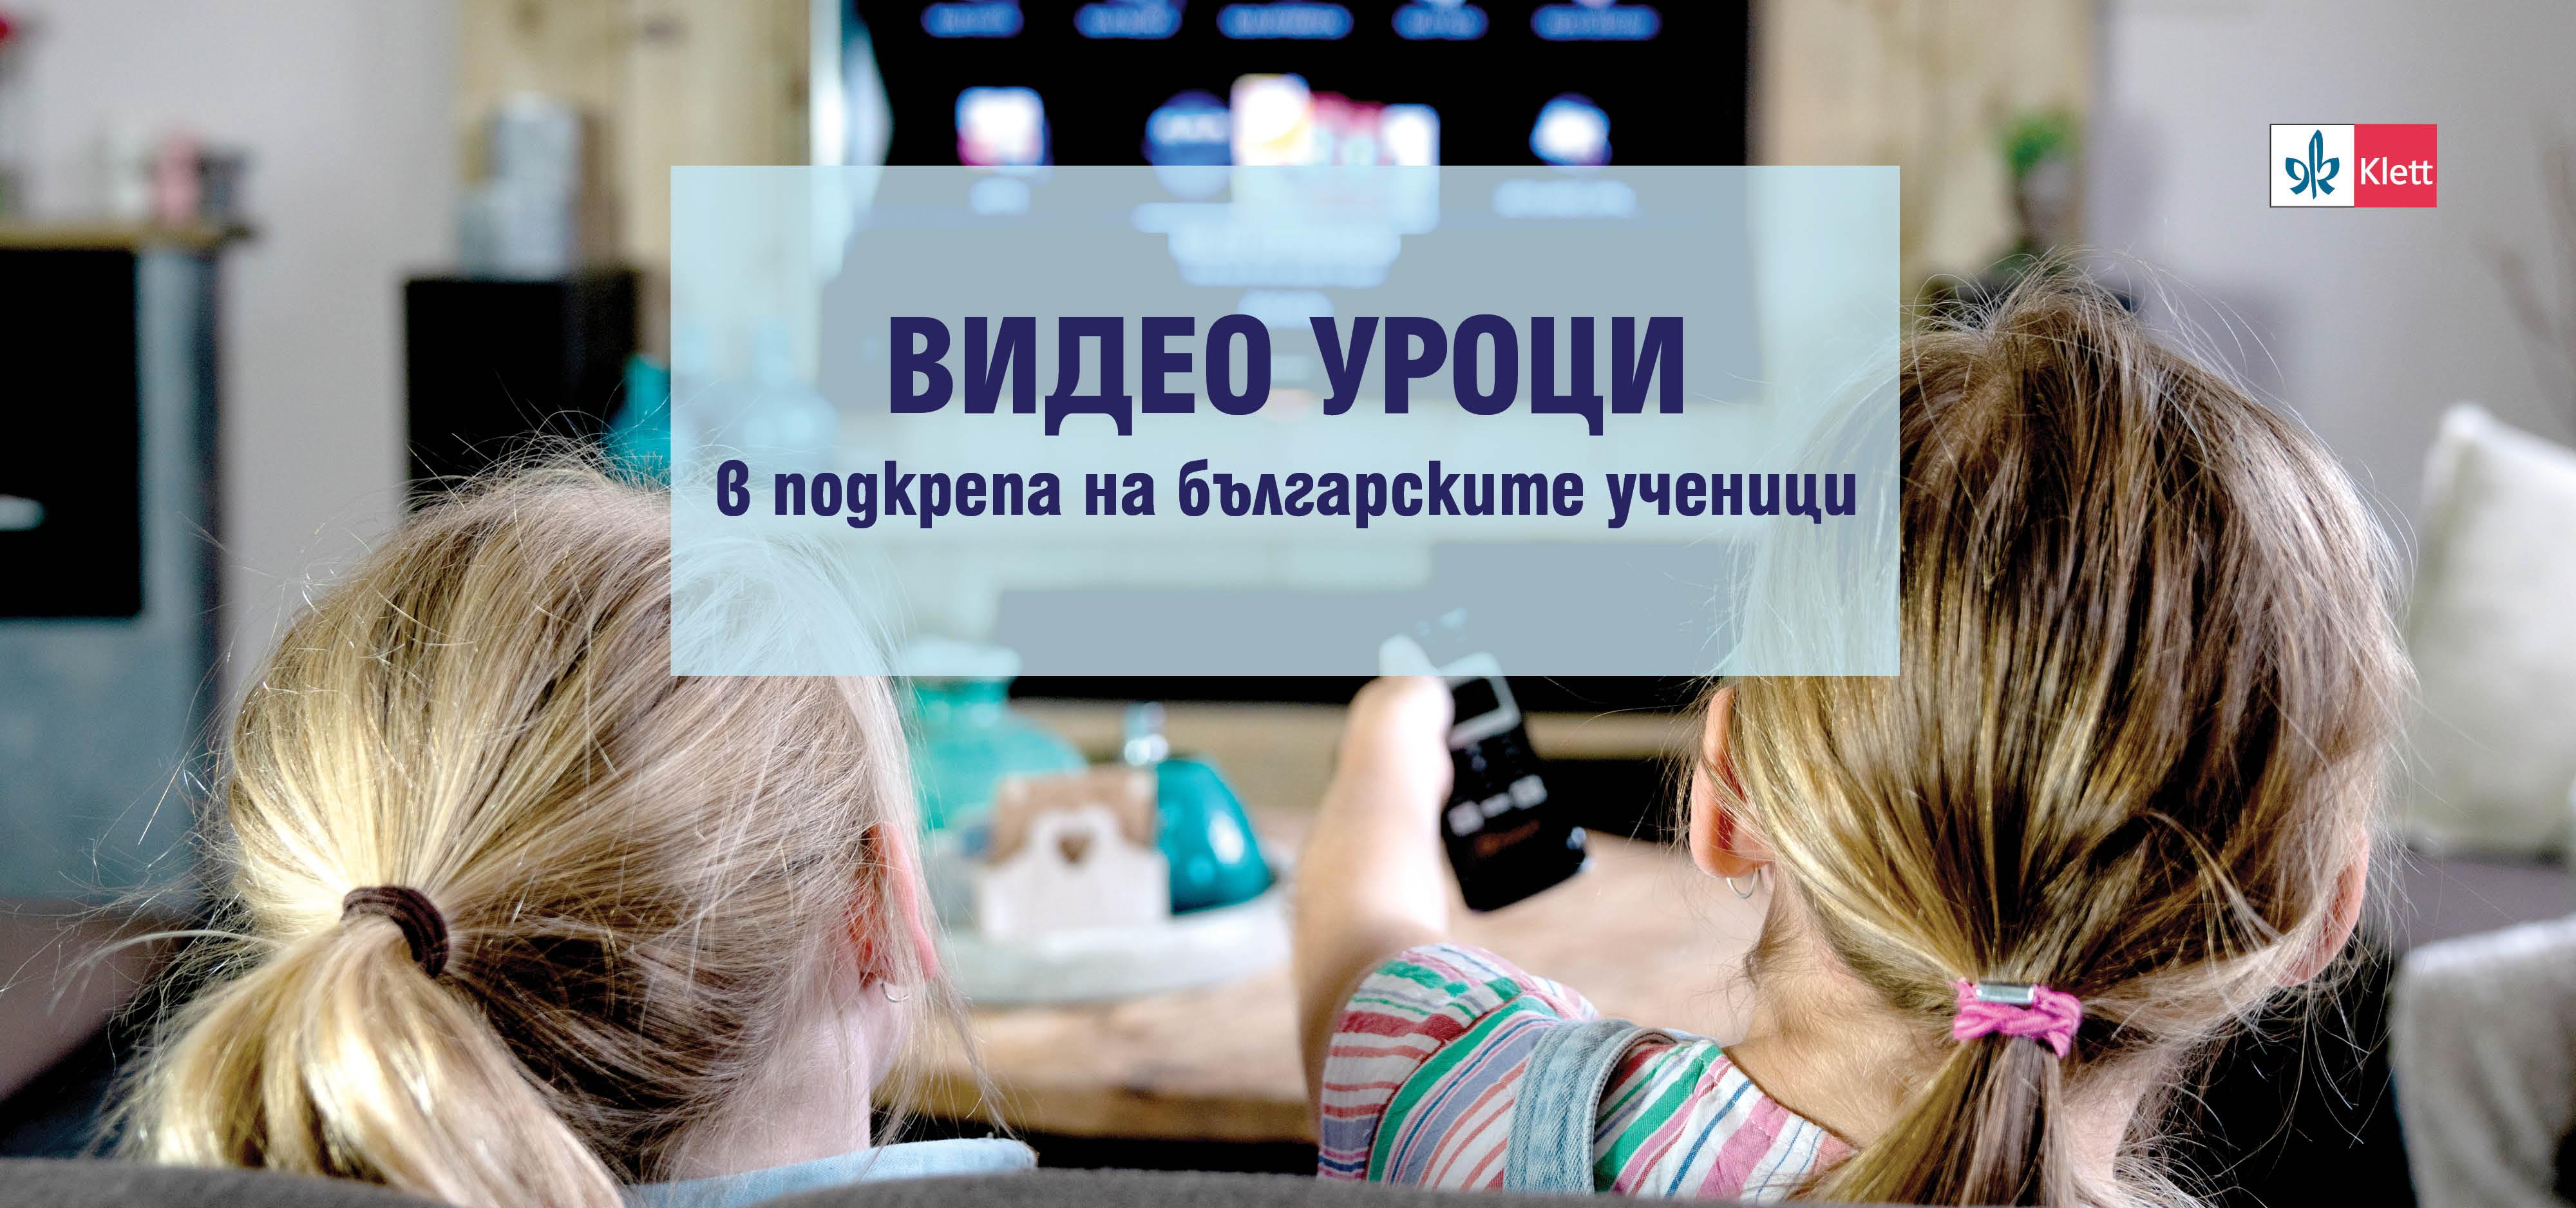 Видео уроци в подкрепа на българските ученици